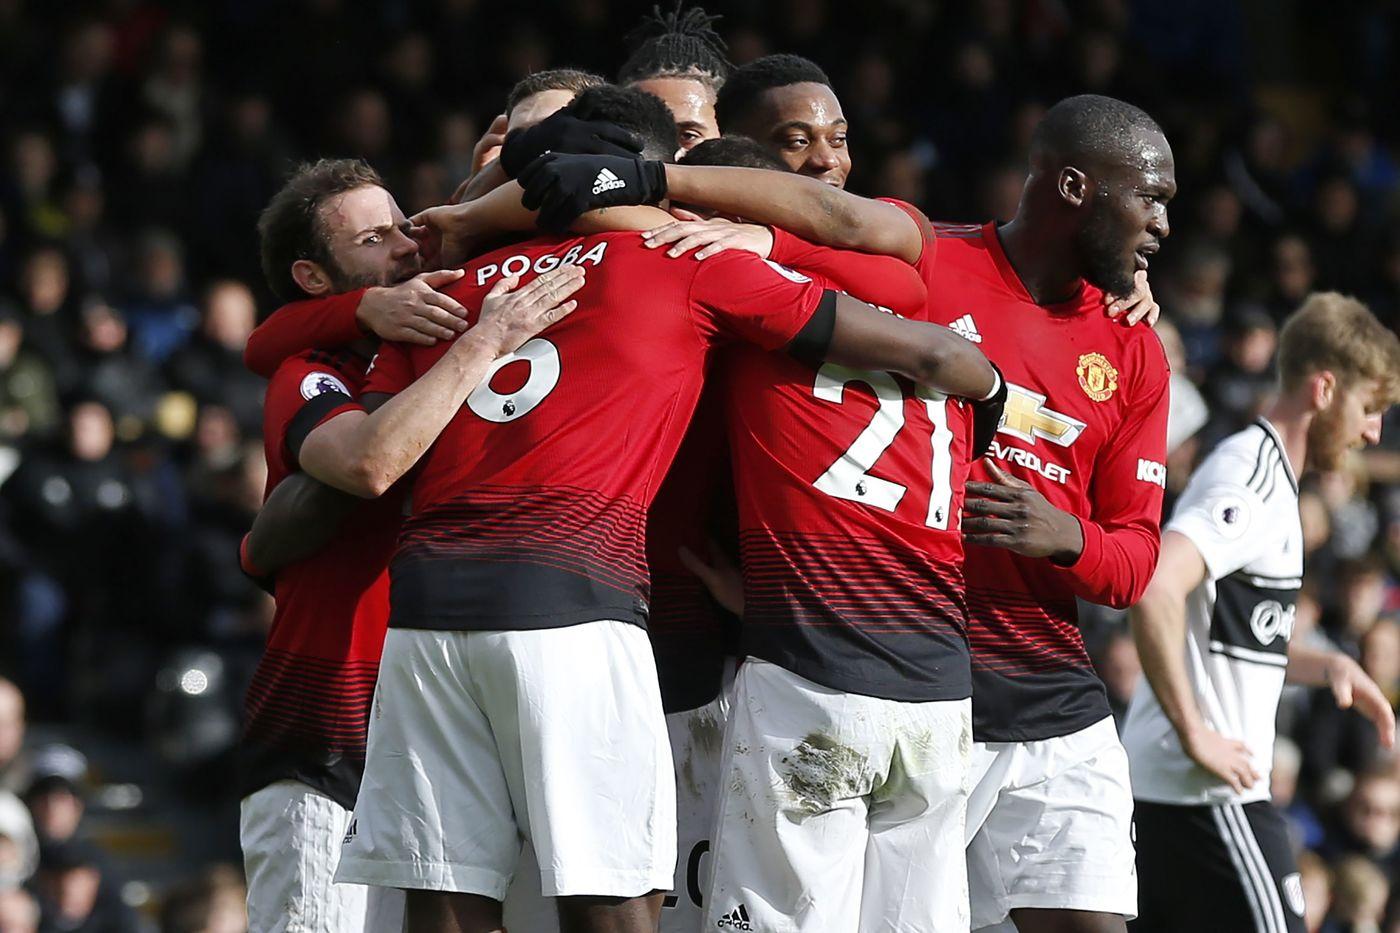 Premier League, Manchester United-Watford sabato 30 marzo: analisi e pronostico della 32ma giornata del campionato inglese